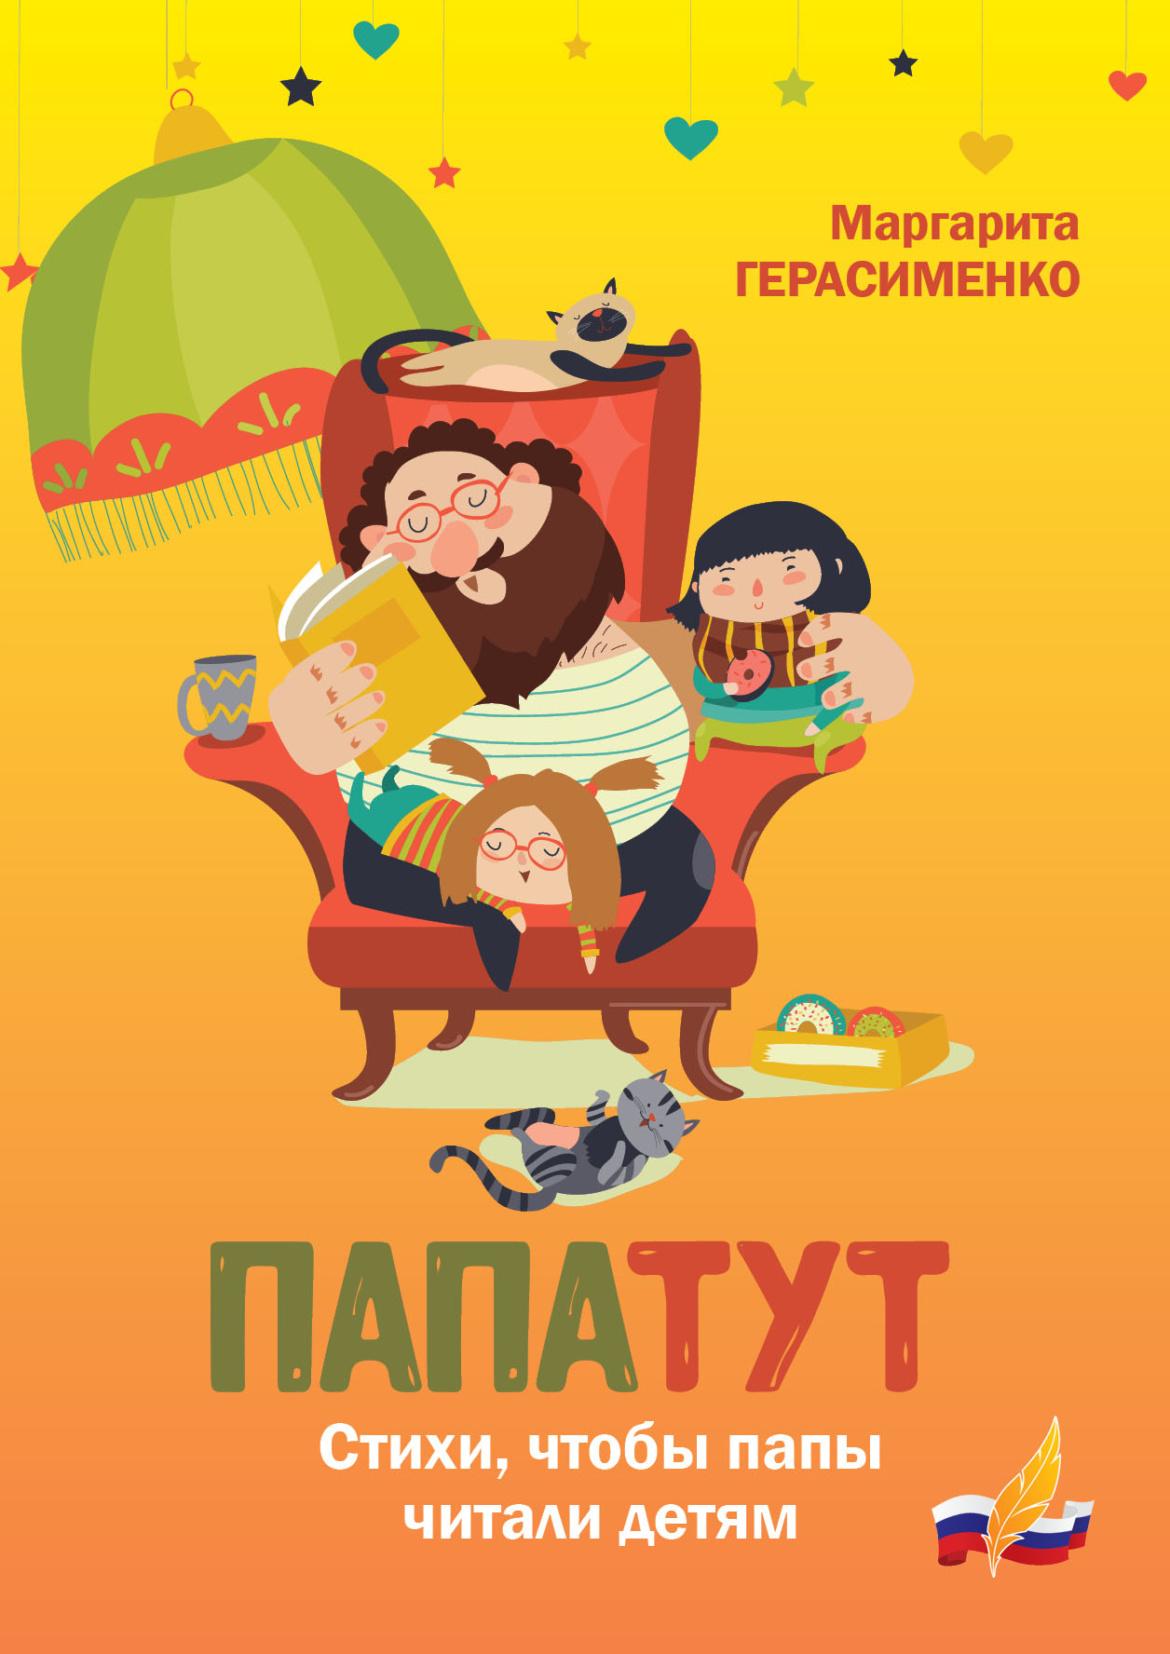 Папатут: Стихи, чтобы папы читали детям — Книга Маргариты Герасименко